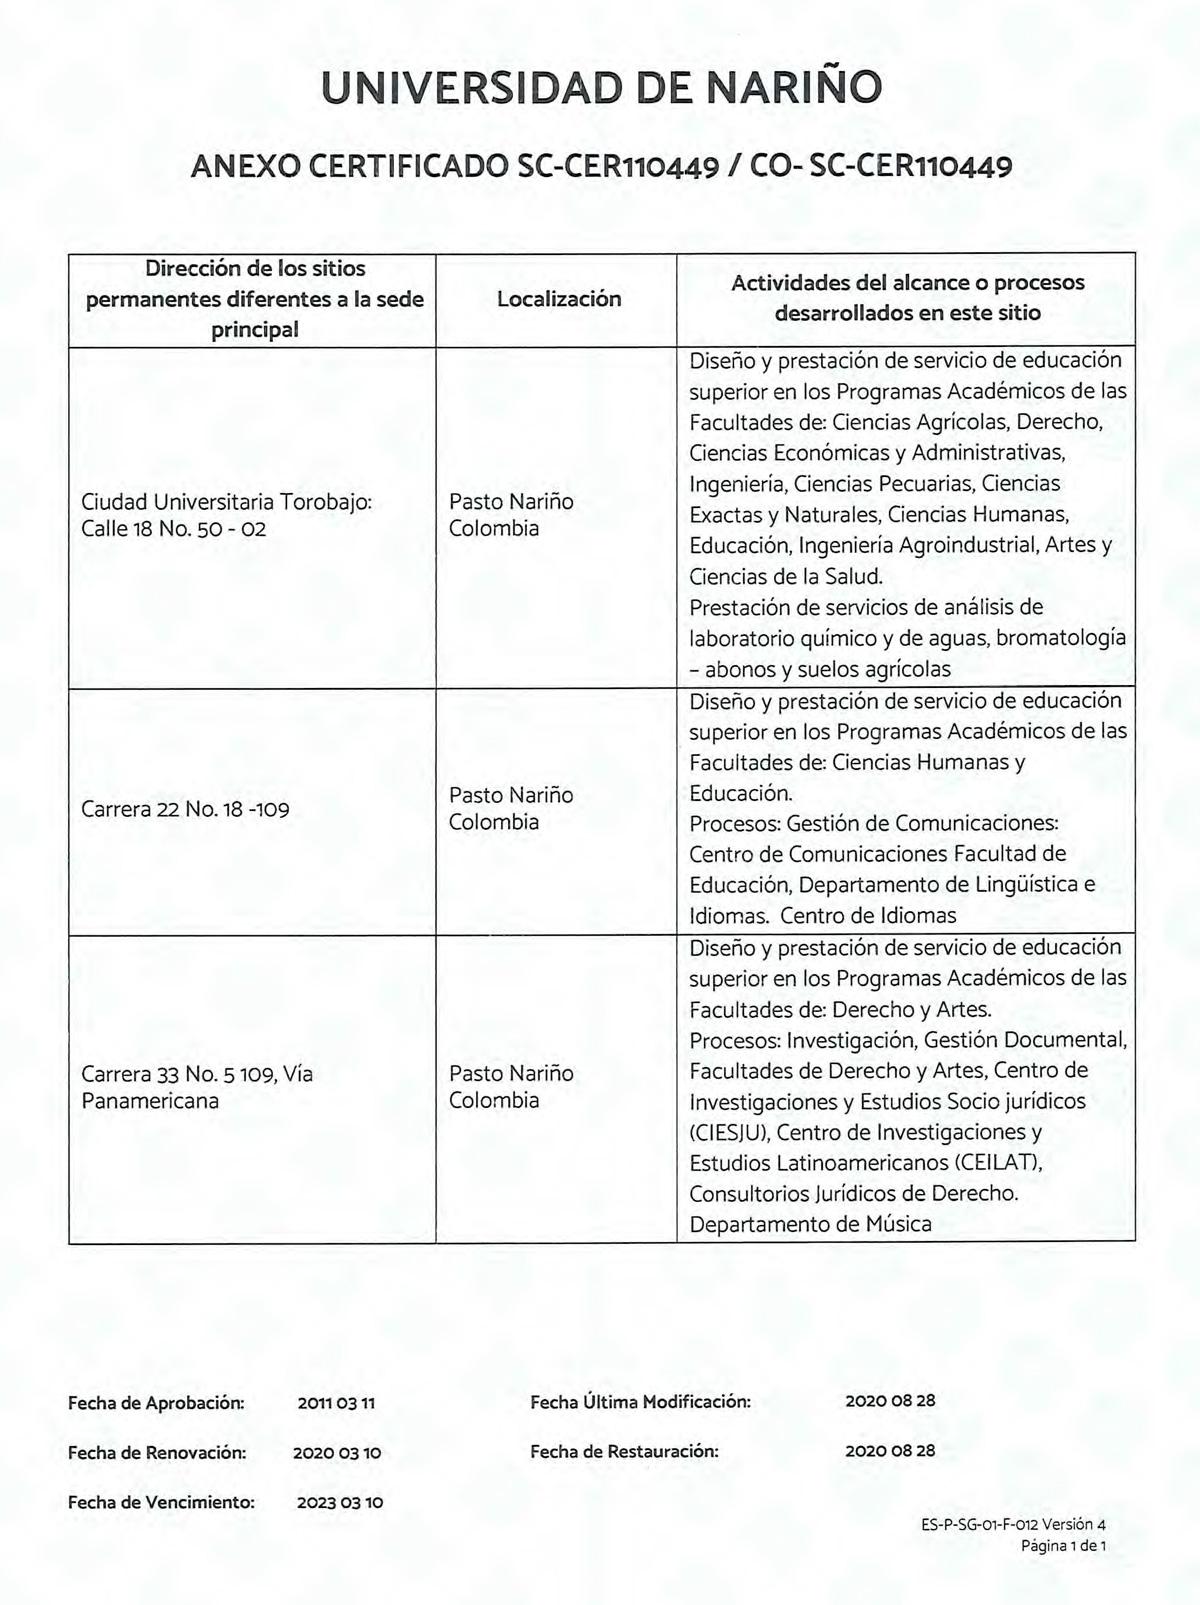 Certificado-Renovación-Universidad-de-Nariño-3